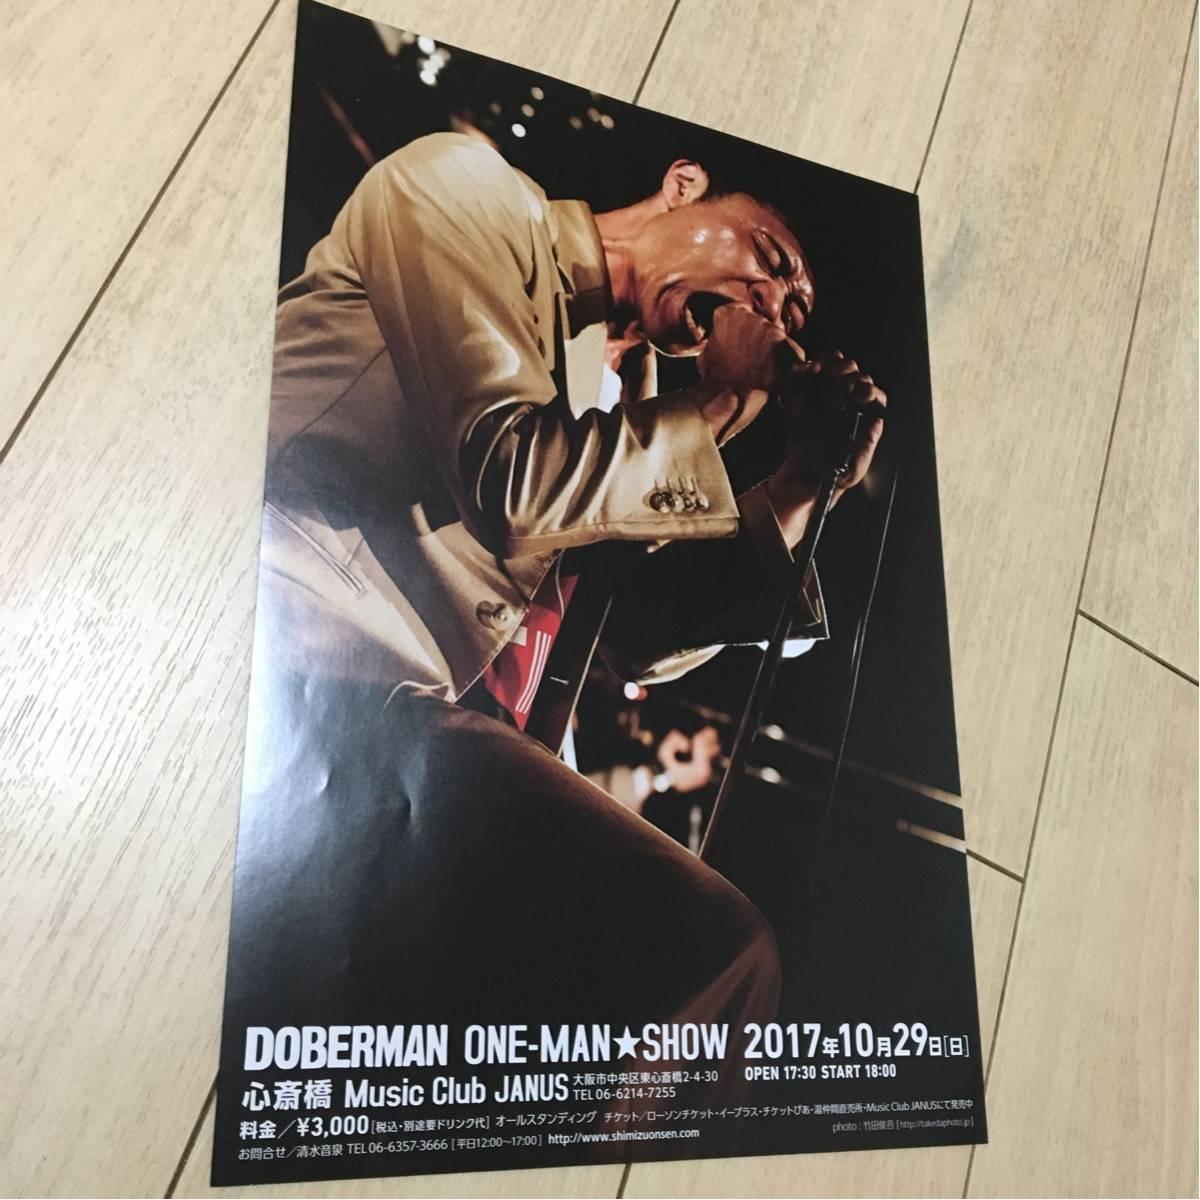 ドーベルマン doberman one - man show ワンマン ショー ライブ 告知 チラシ 2017 大阪 心斎橋 music club janus